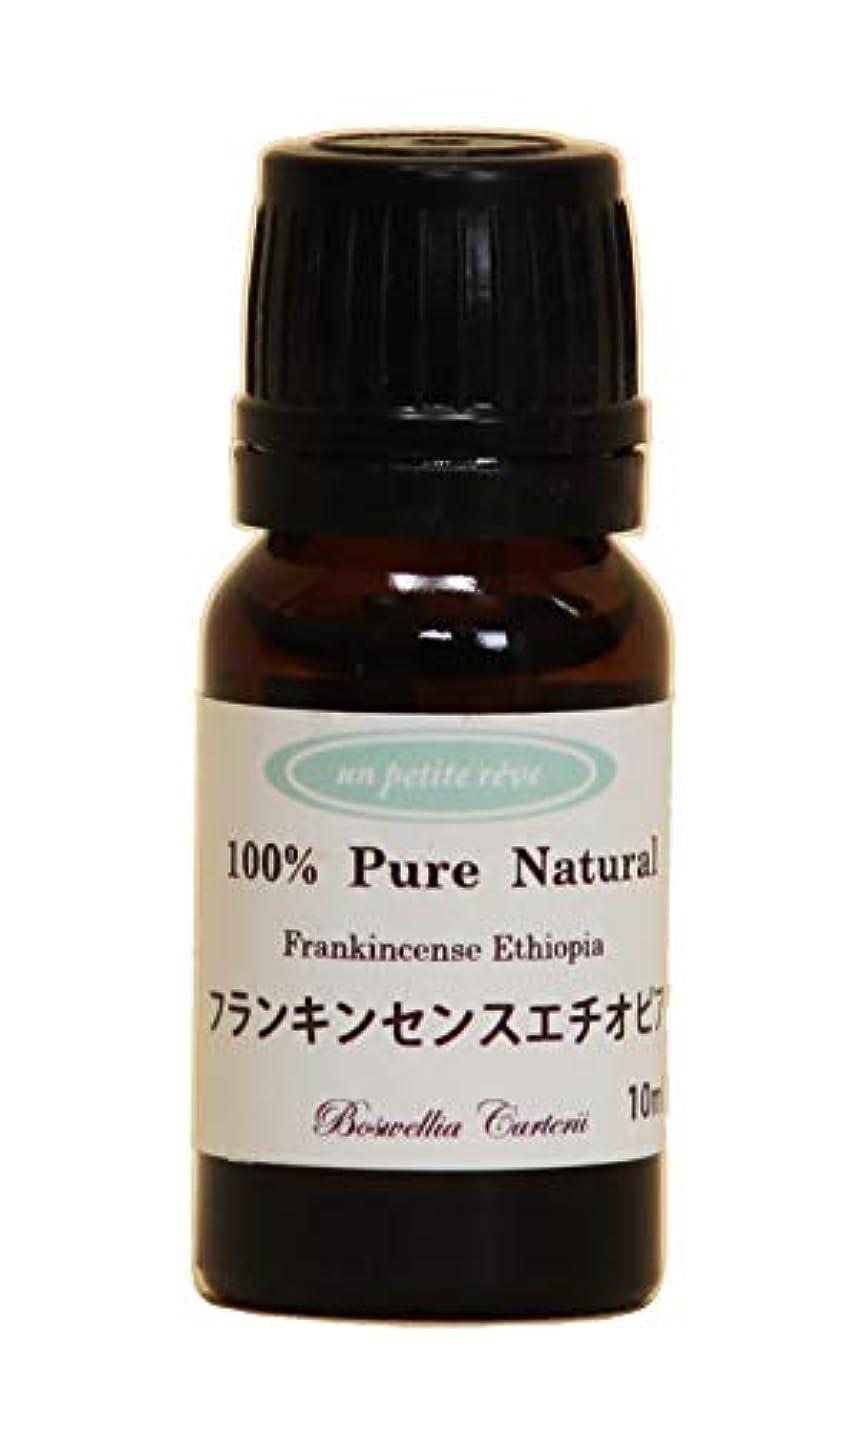 ペフ実際最大フランキンセンスエチオピア 10ml 100%天然アロマエッセンシャルオイル(精油)